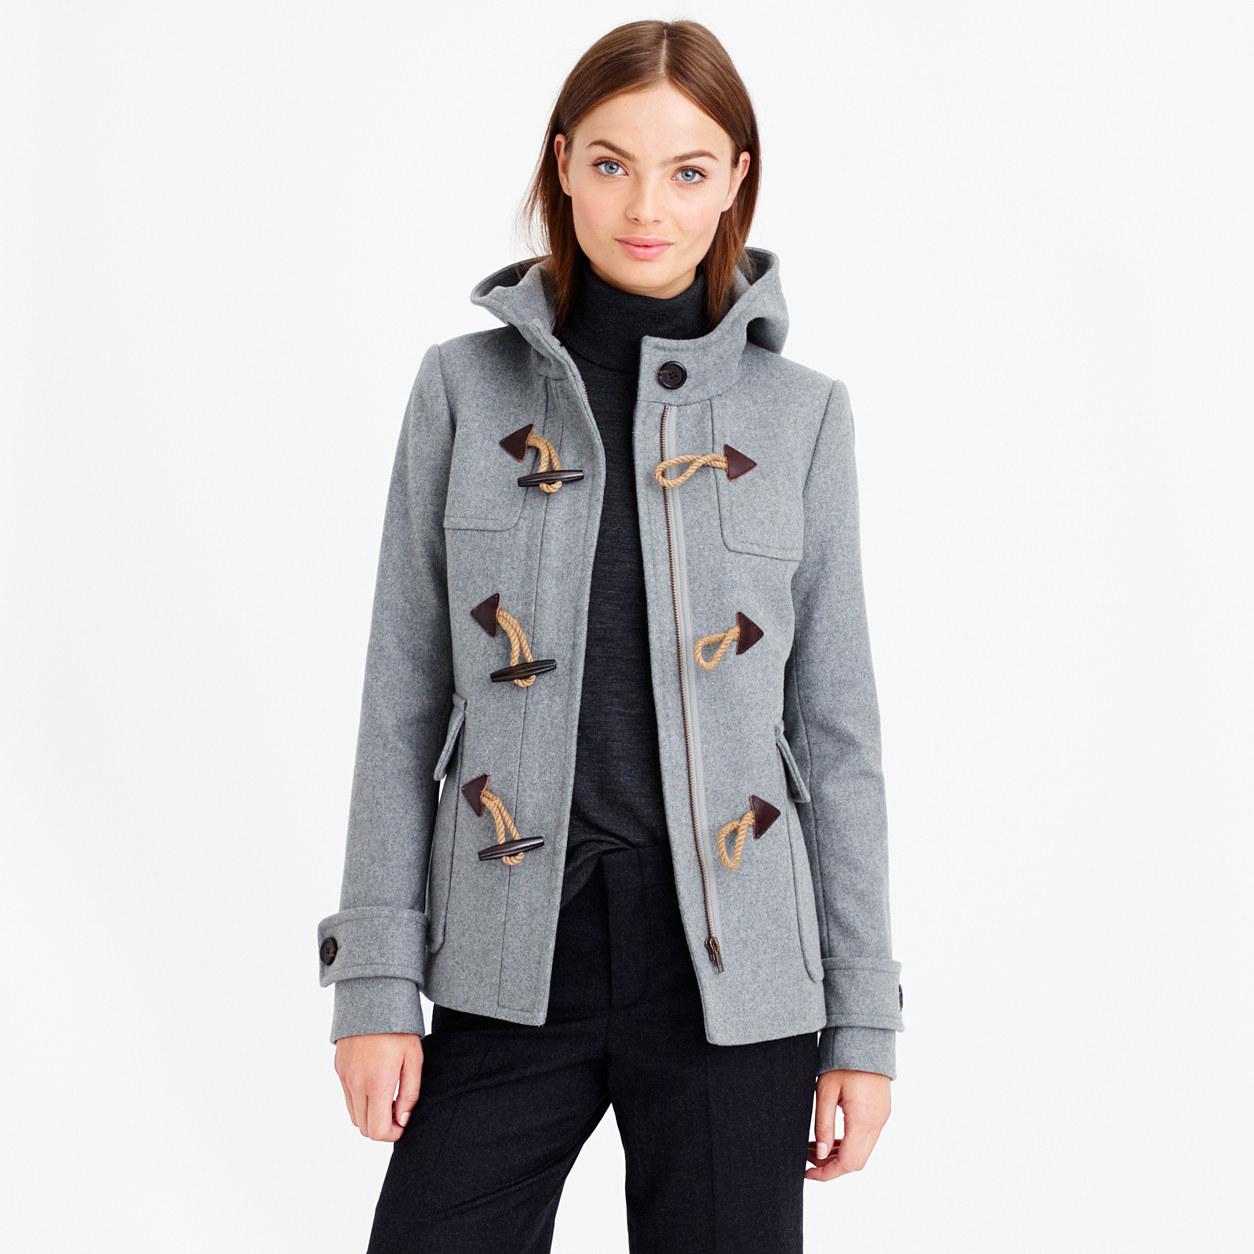 Duffle Coat Womens Canada - Coat Nj